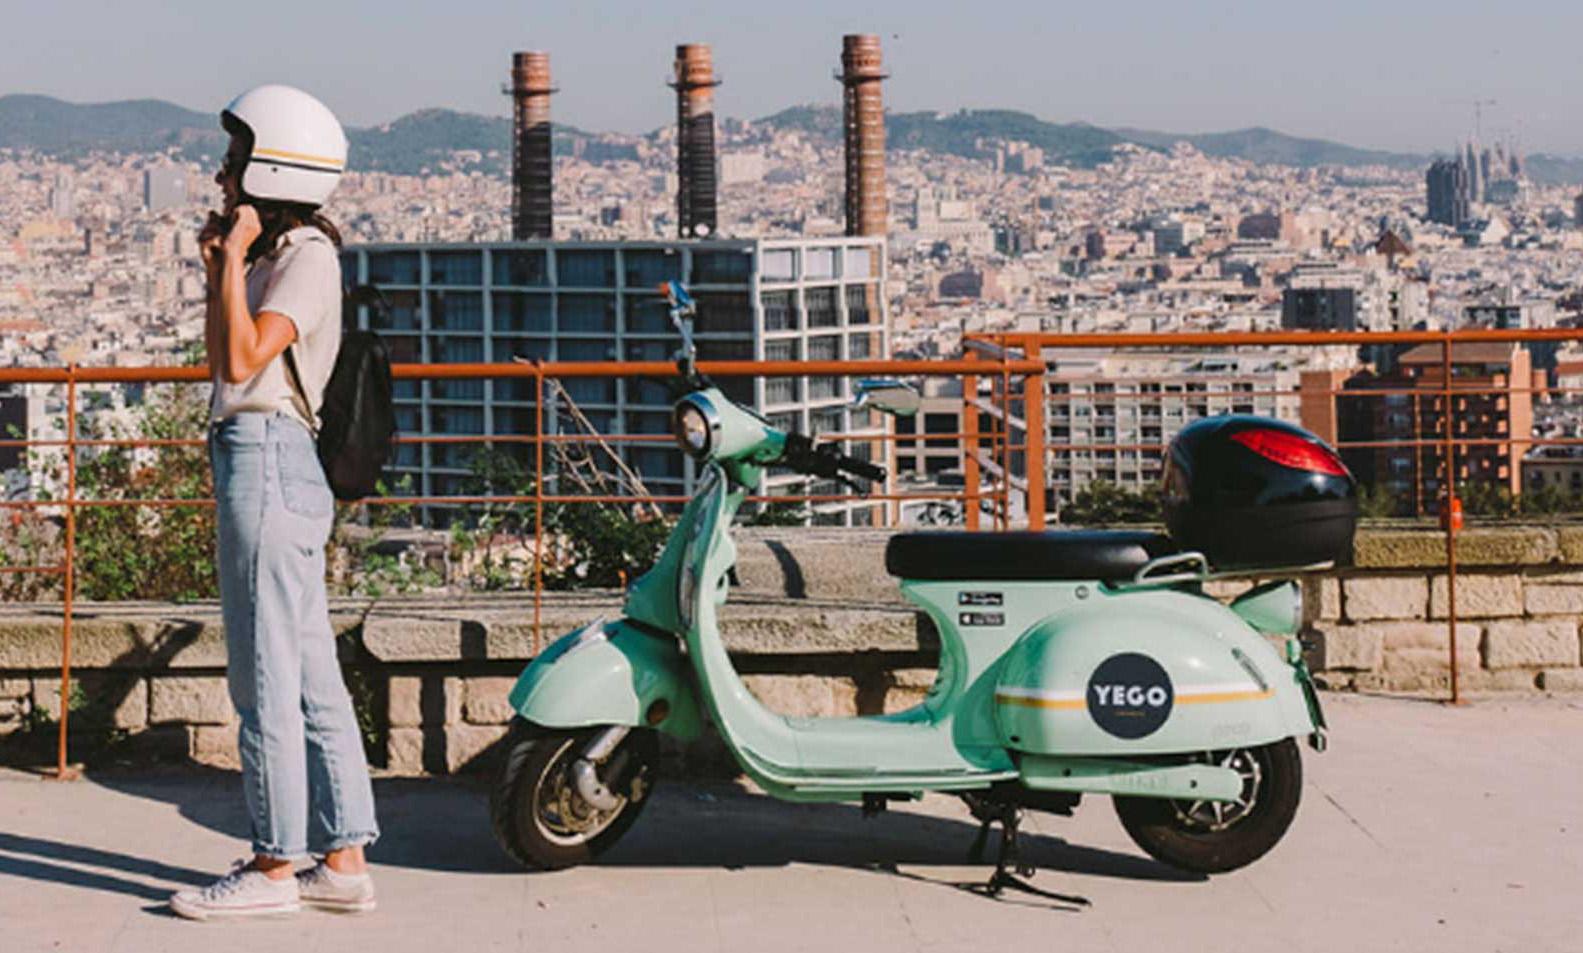 Yego Motosharing